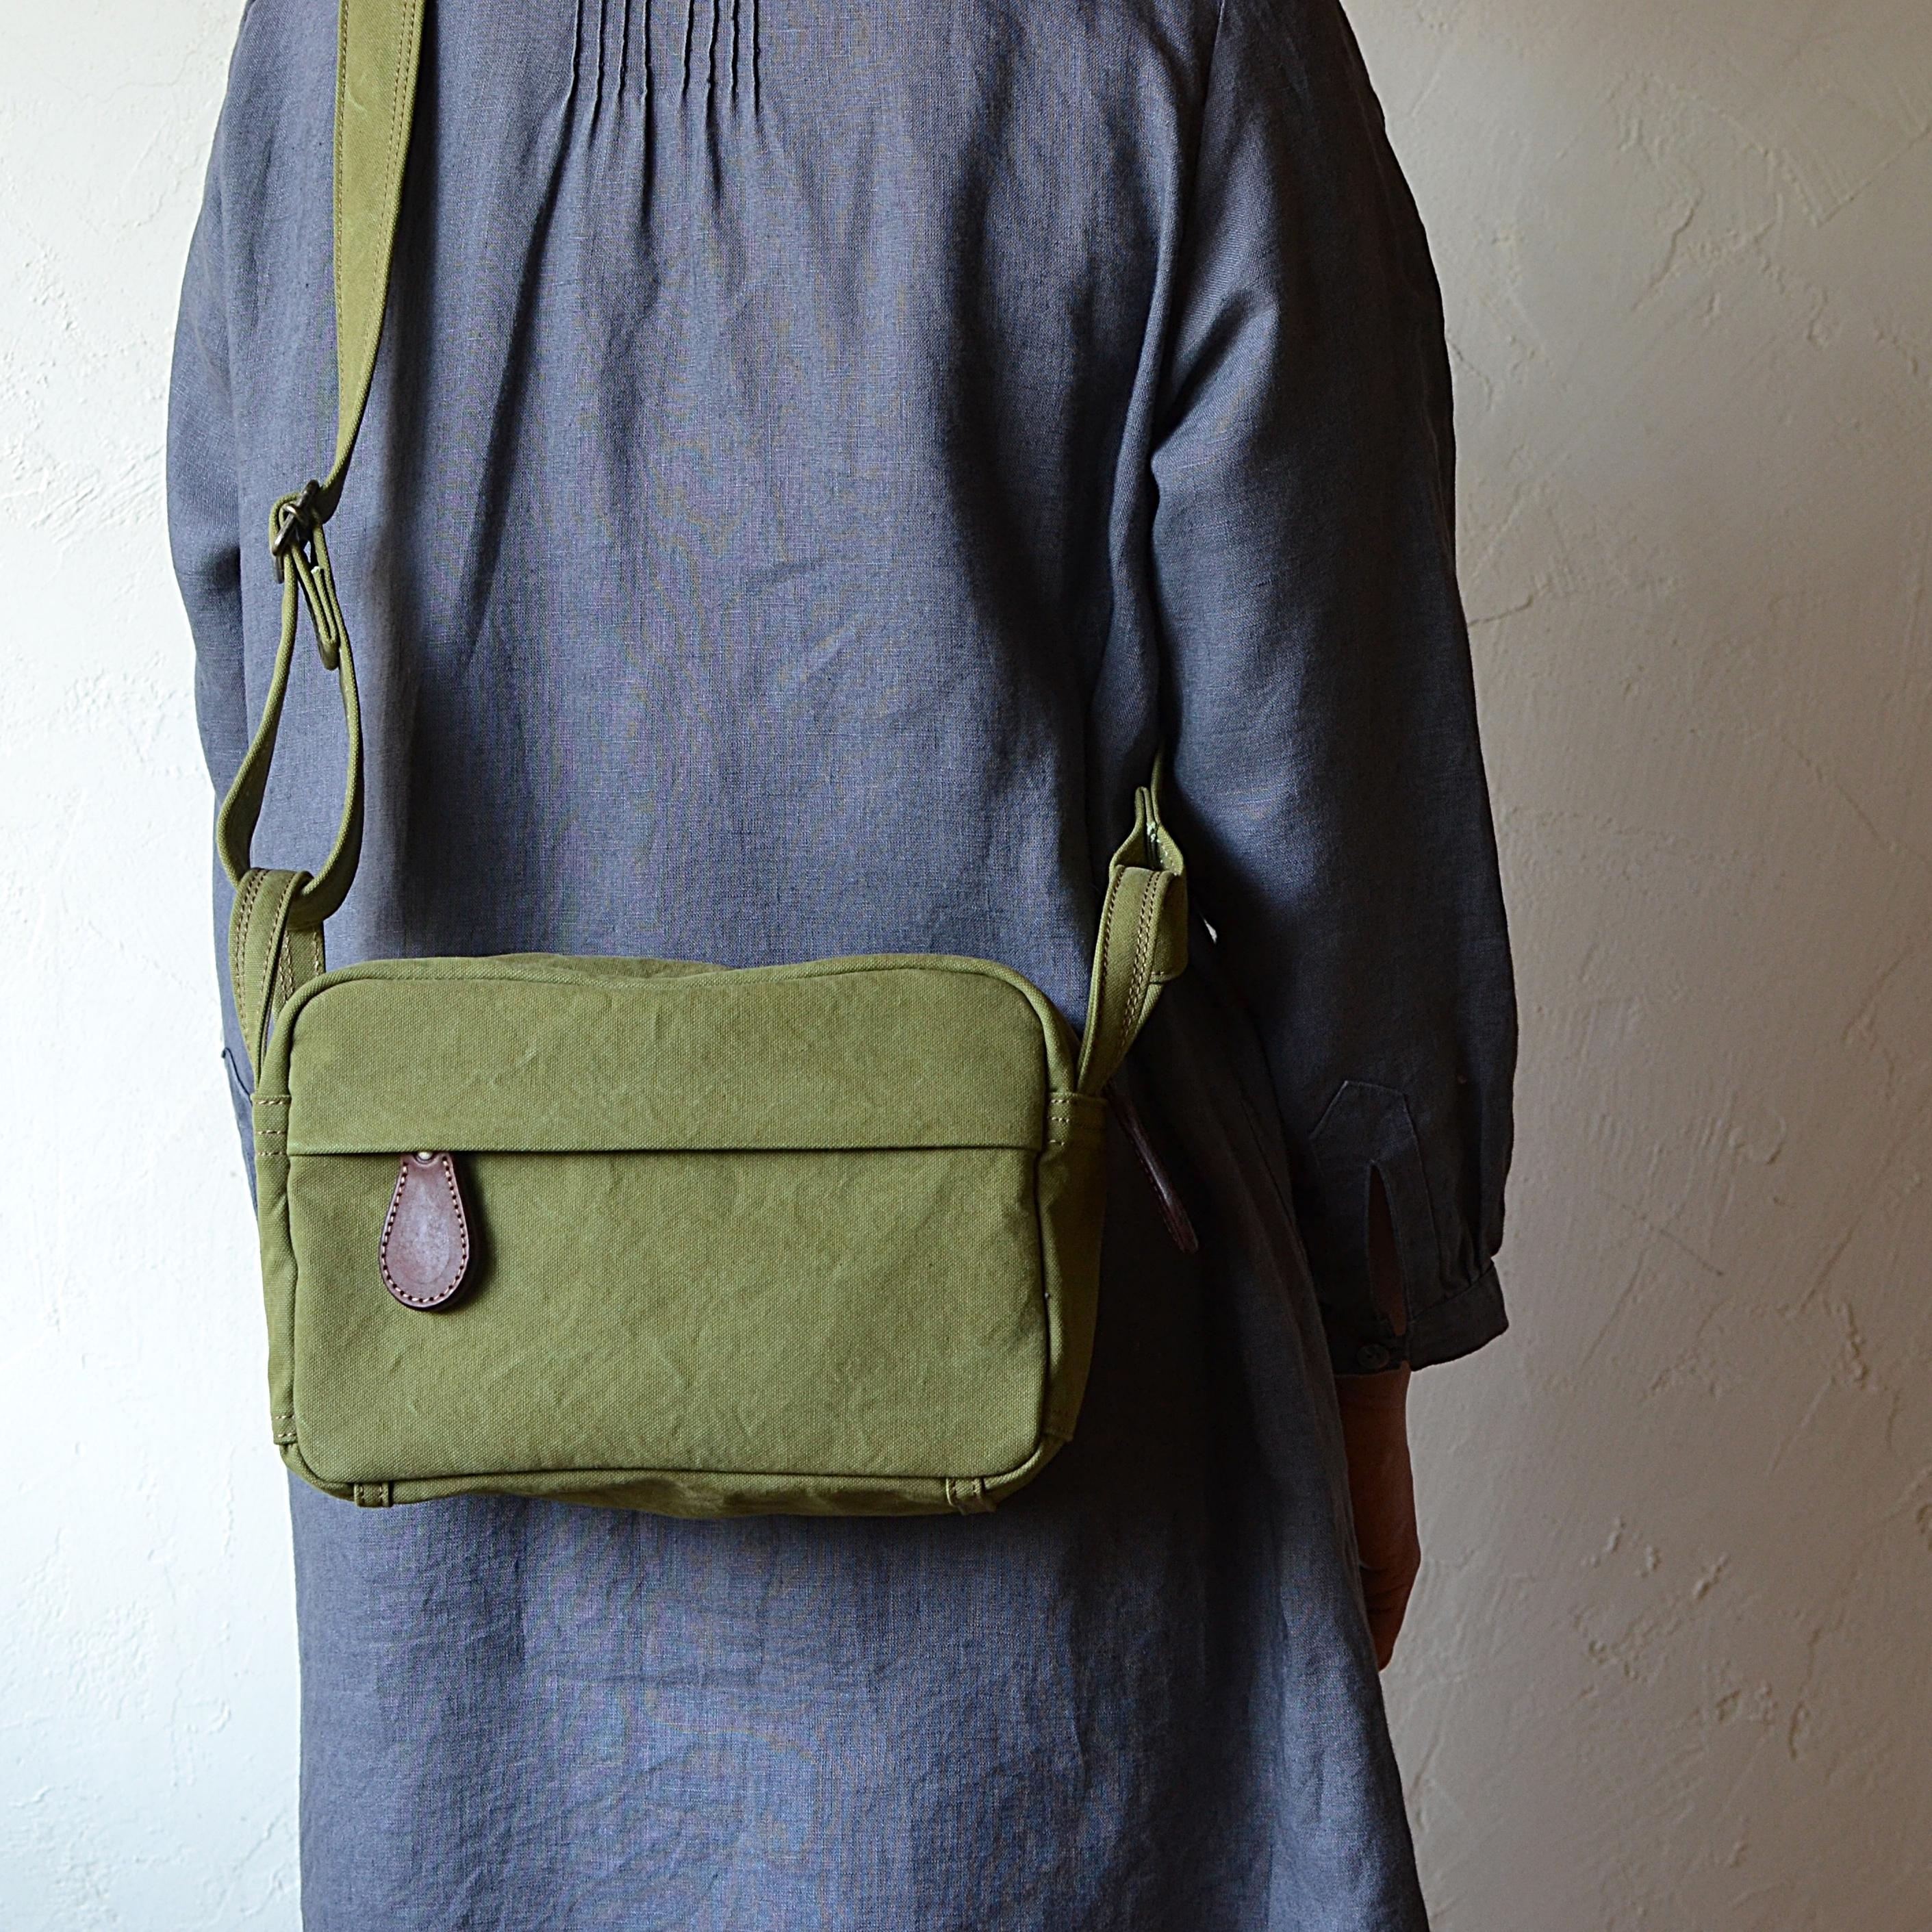 アーミーダックショルダーバッグ       「minmi・オリーブ」